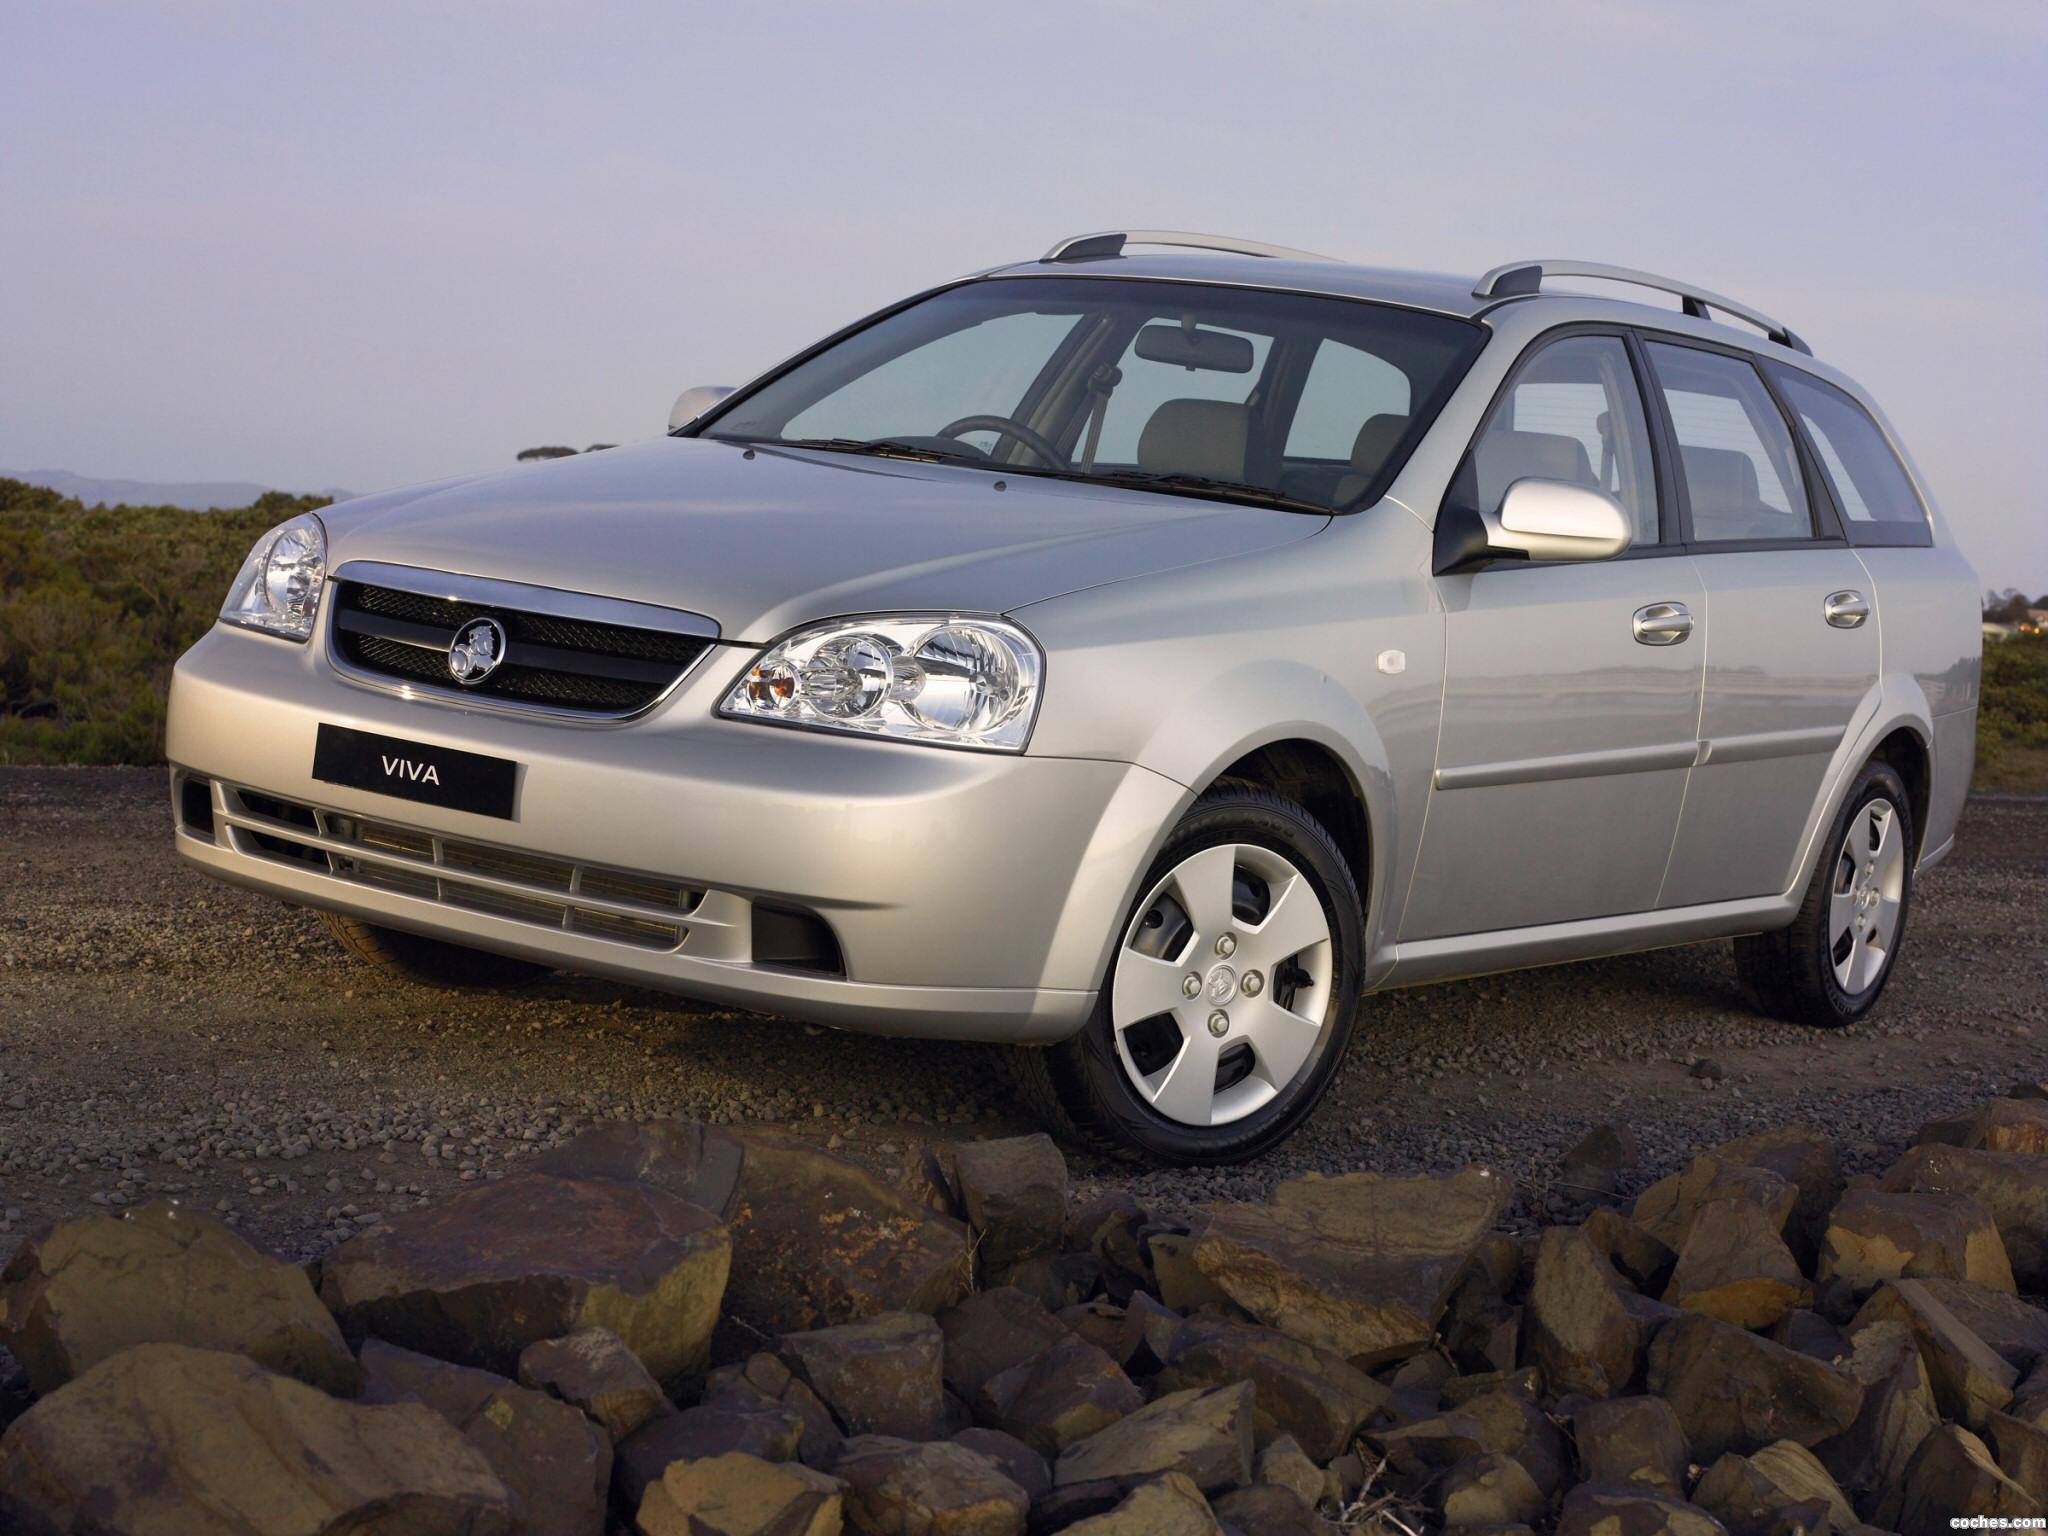 Foto 0 de Holden Viva Wagon 2005